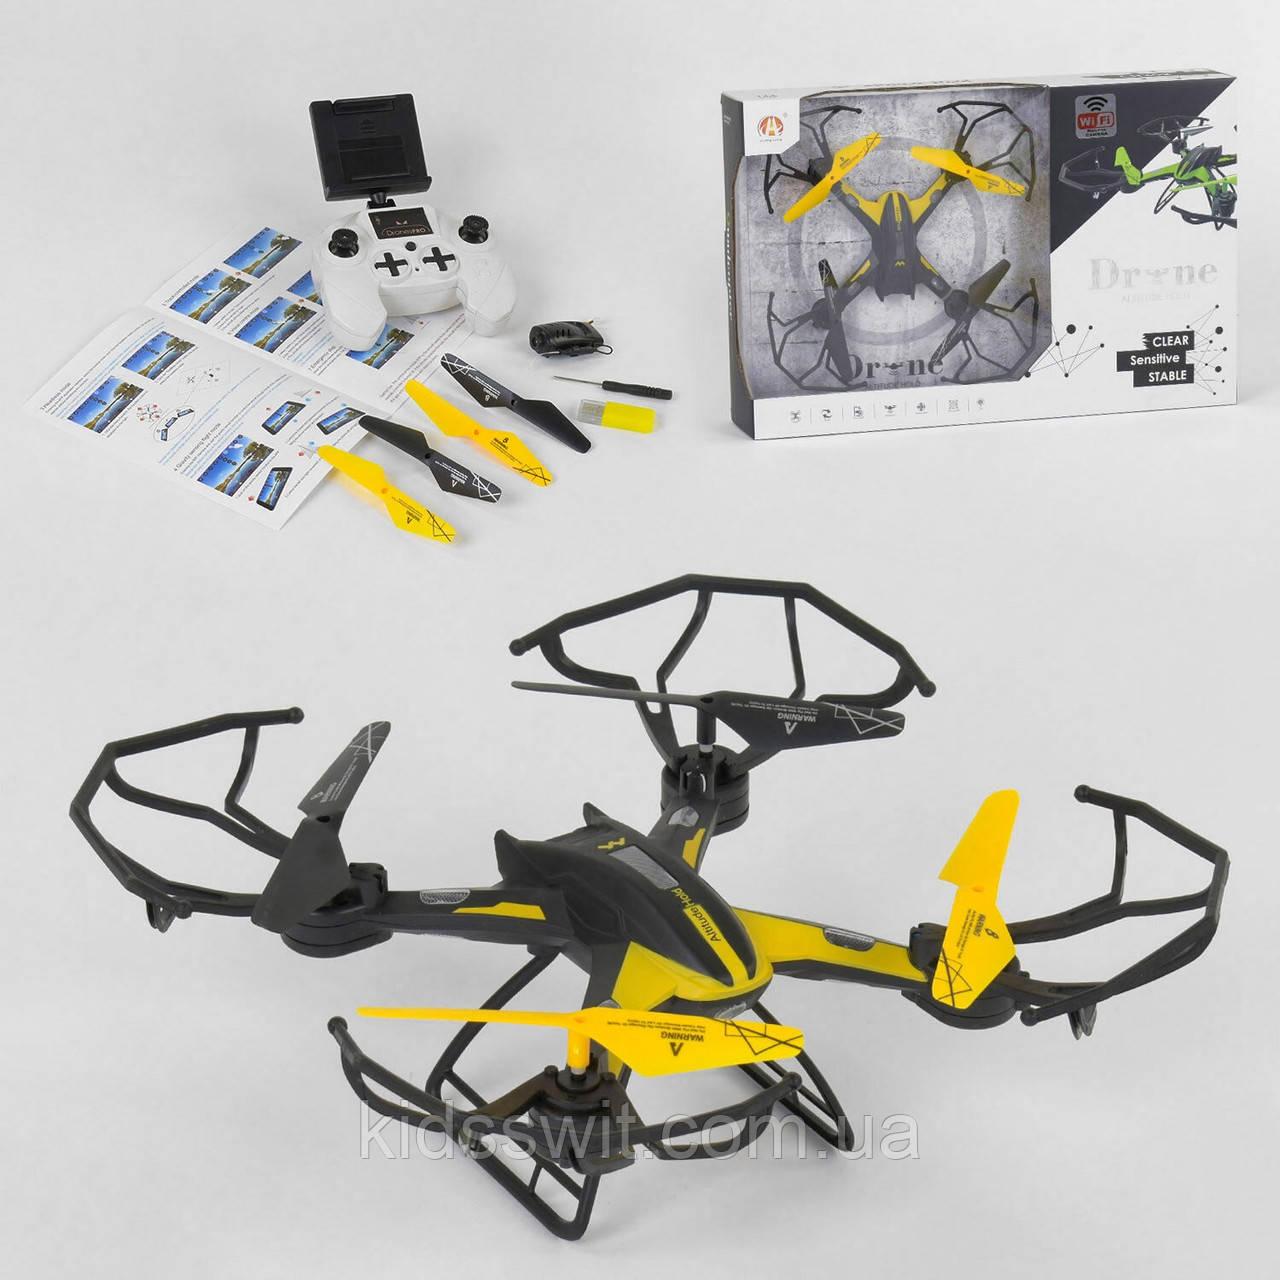 Квадрокоптер на радіокеруванні гіроскоп, камера 2МП, підсвічування, батарея 3.7v, wi-fi, CH W 202